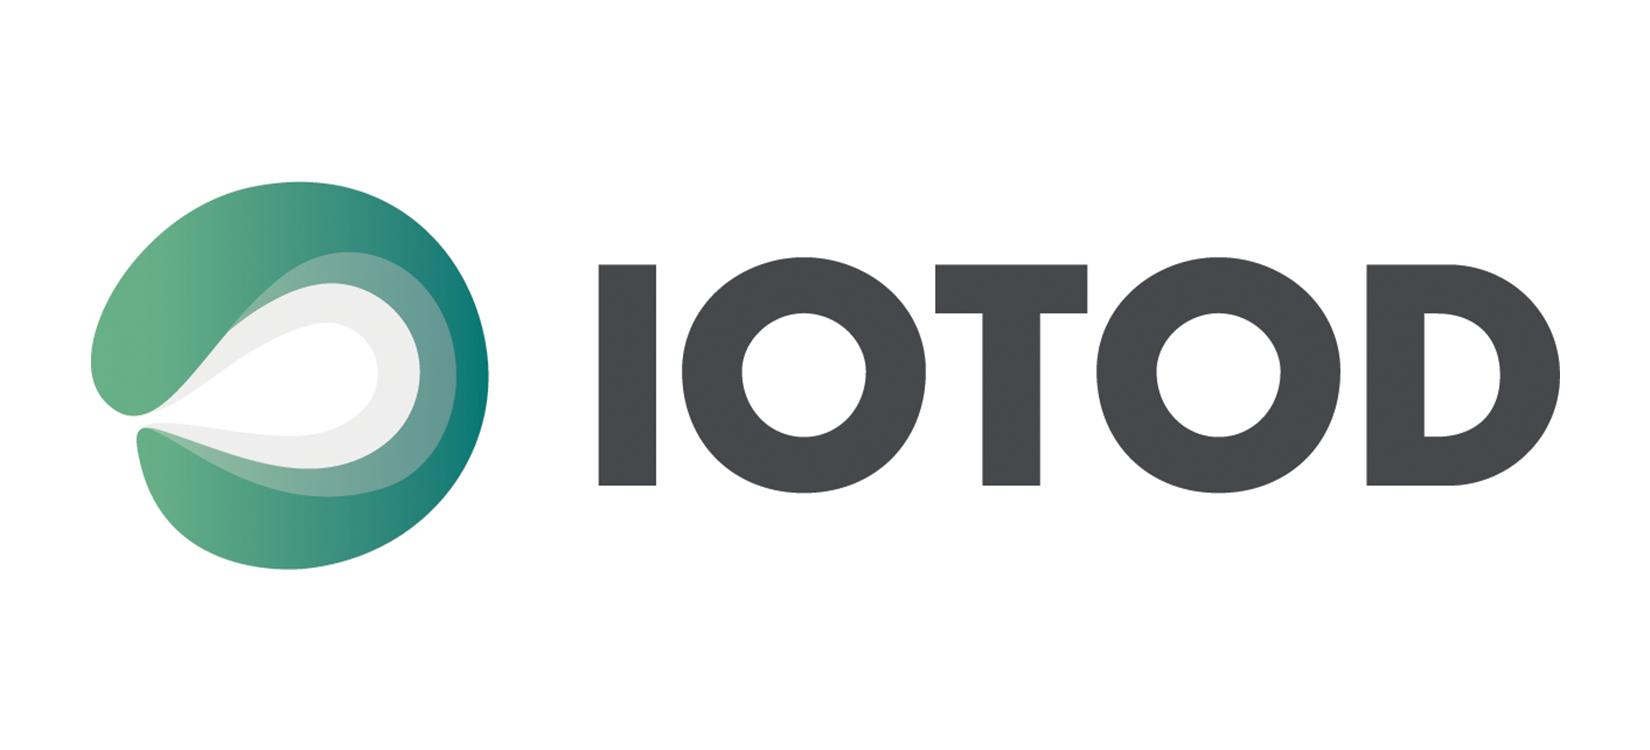 iotod-logo.png